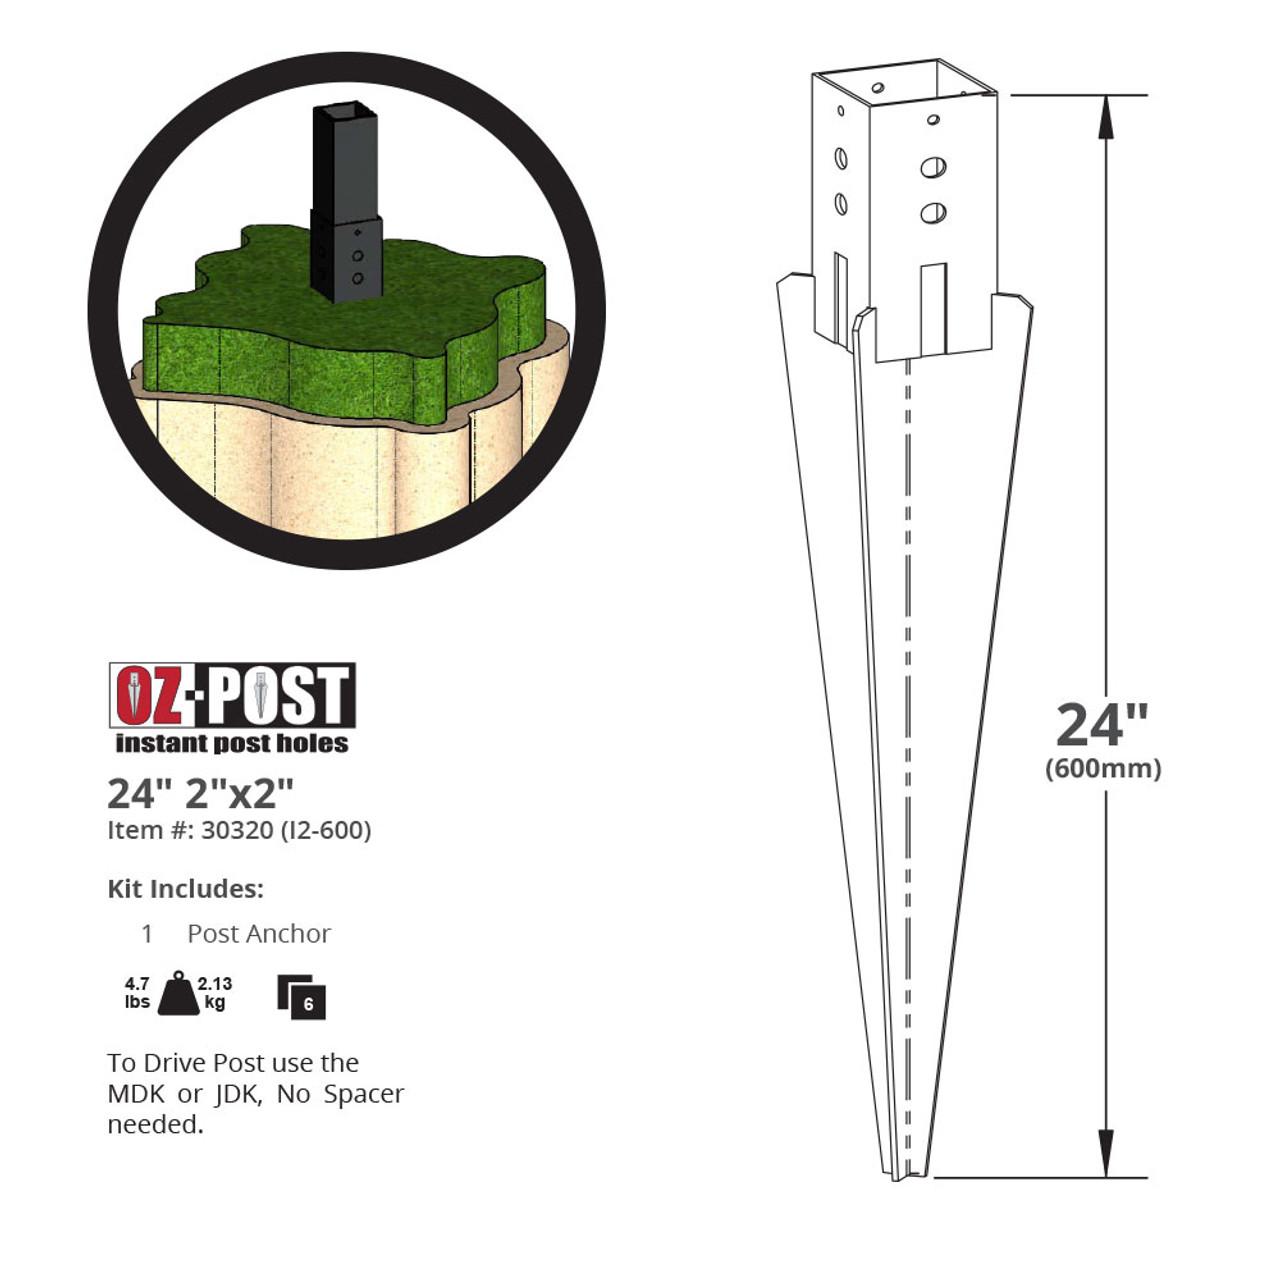 OZCO I2-600 Ornamental Post Anchor Dimension Drawing